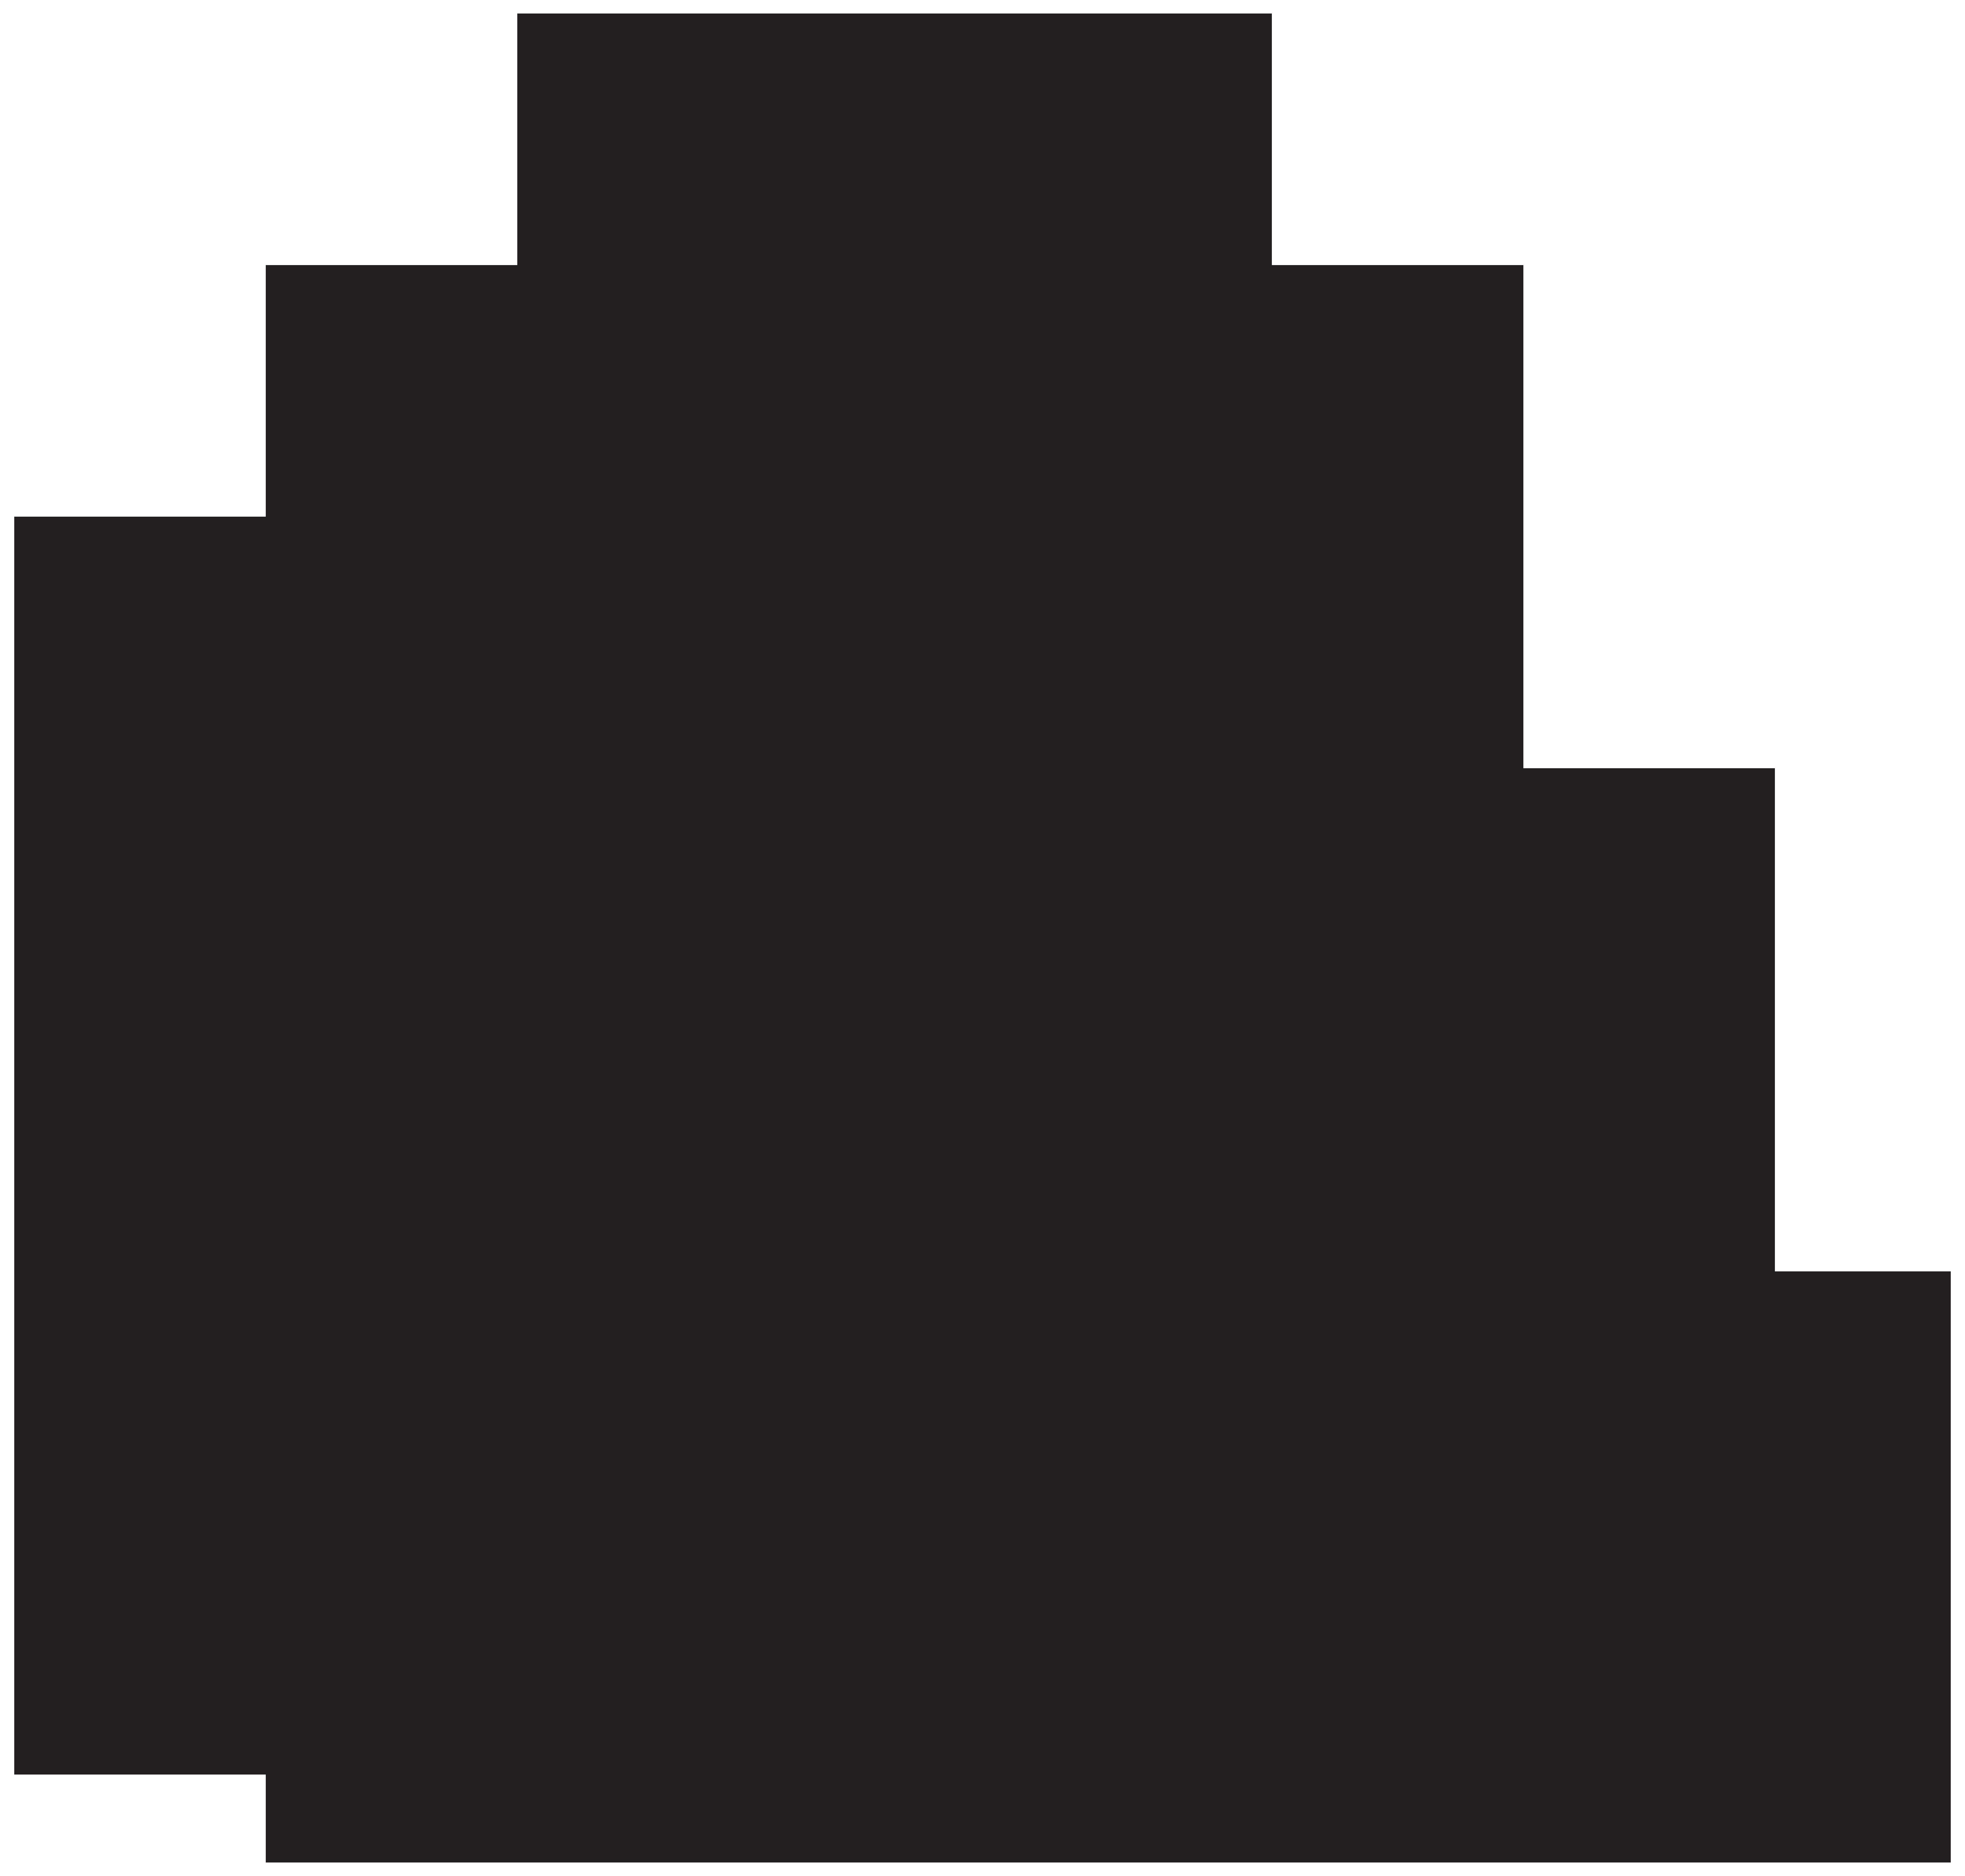 8000x7636 Sailing Clipart